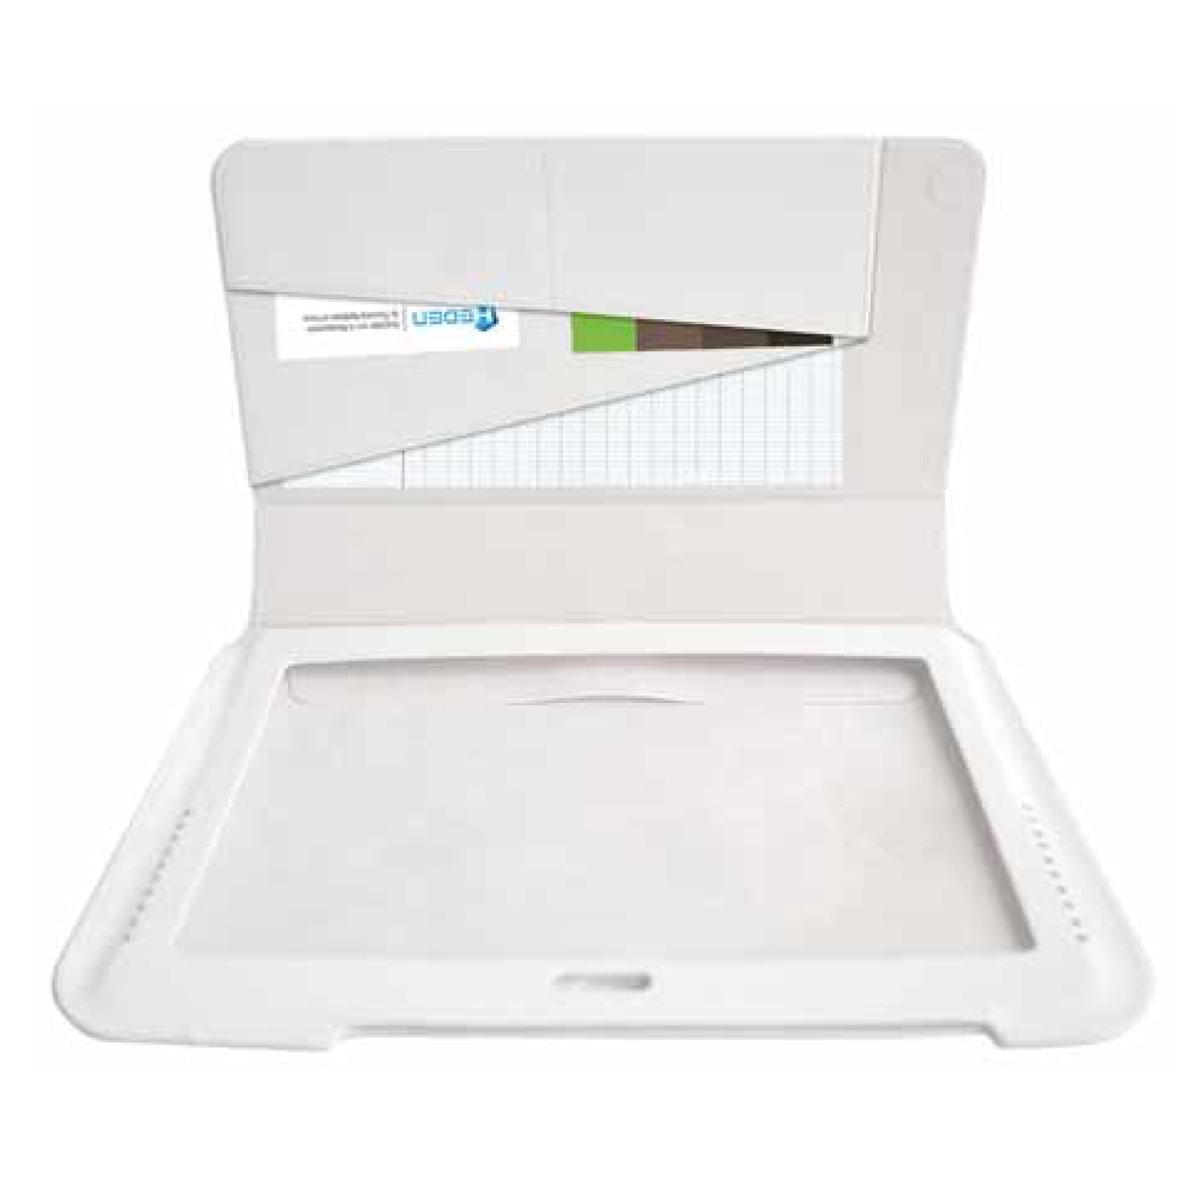 """Heden Housse Slim Blanche Galaxy Tab 2 / Note 10.1"""" (ACCHSS10CW soldé) - Achat / Vente Accessoire Tablette sur Cybertek.fr - 0"""